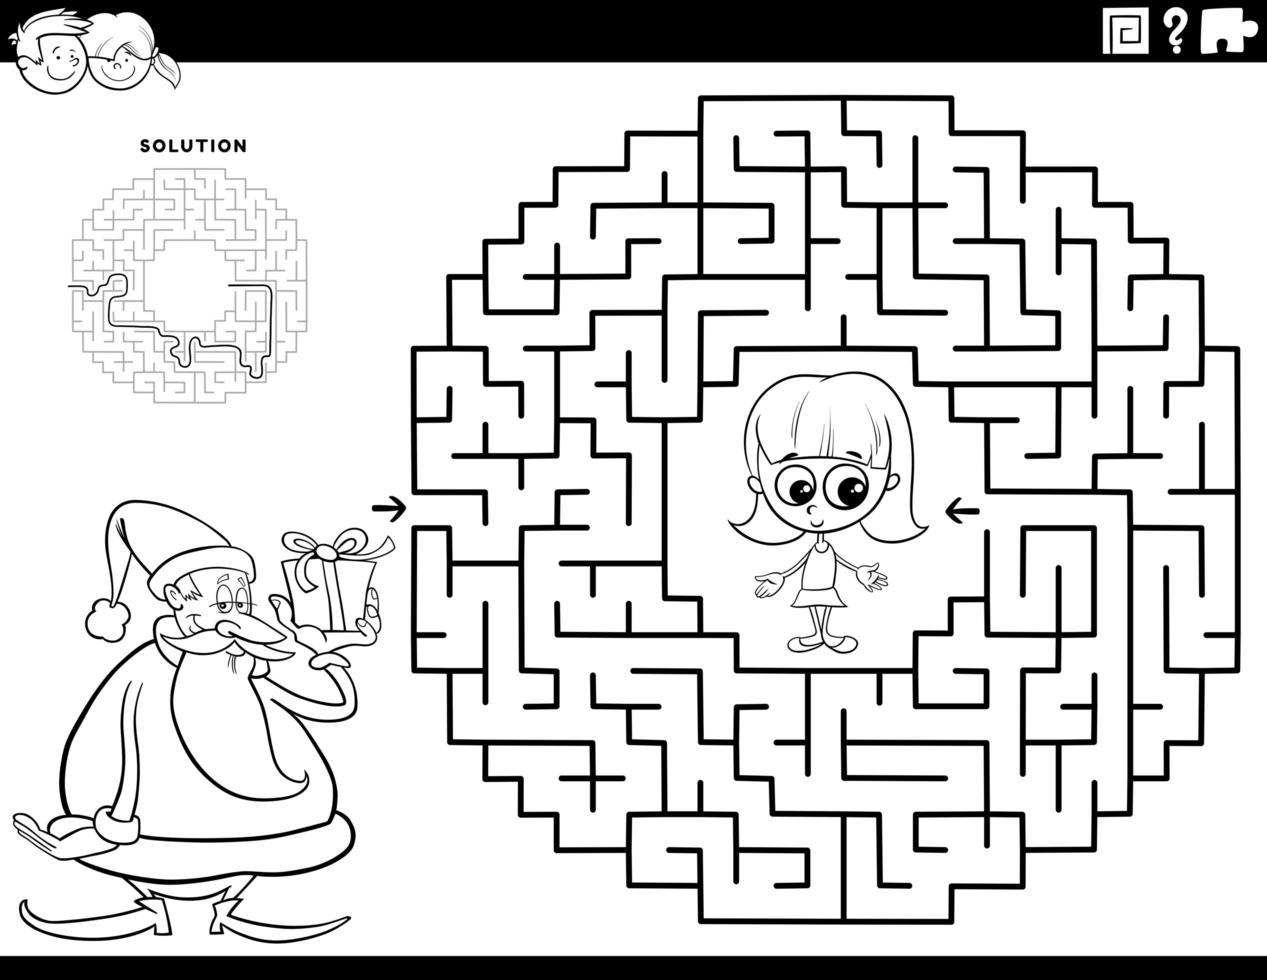 labyrint spel med jultomten målarbok sida vektor